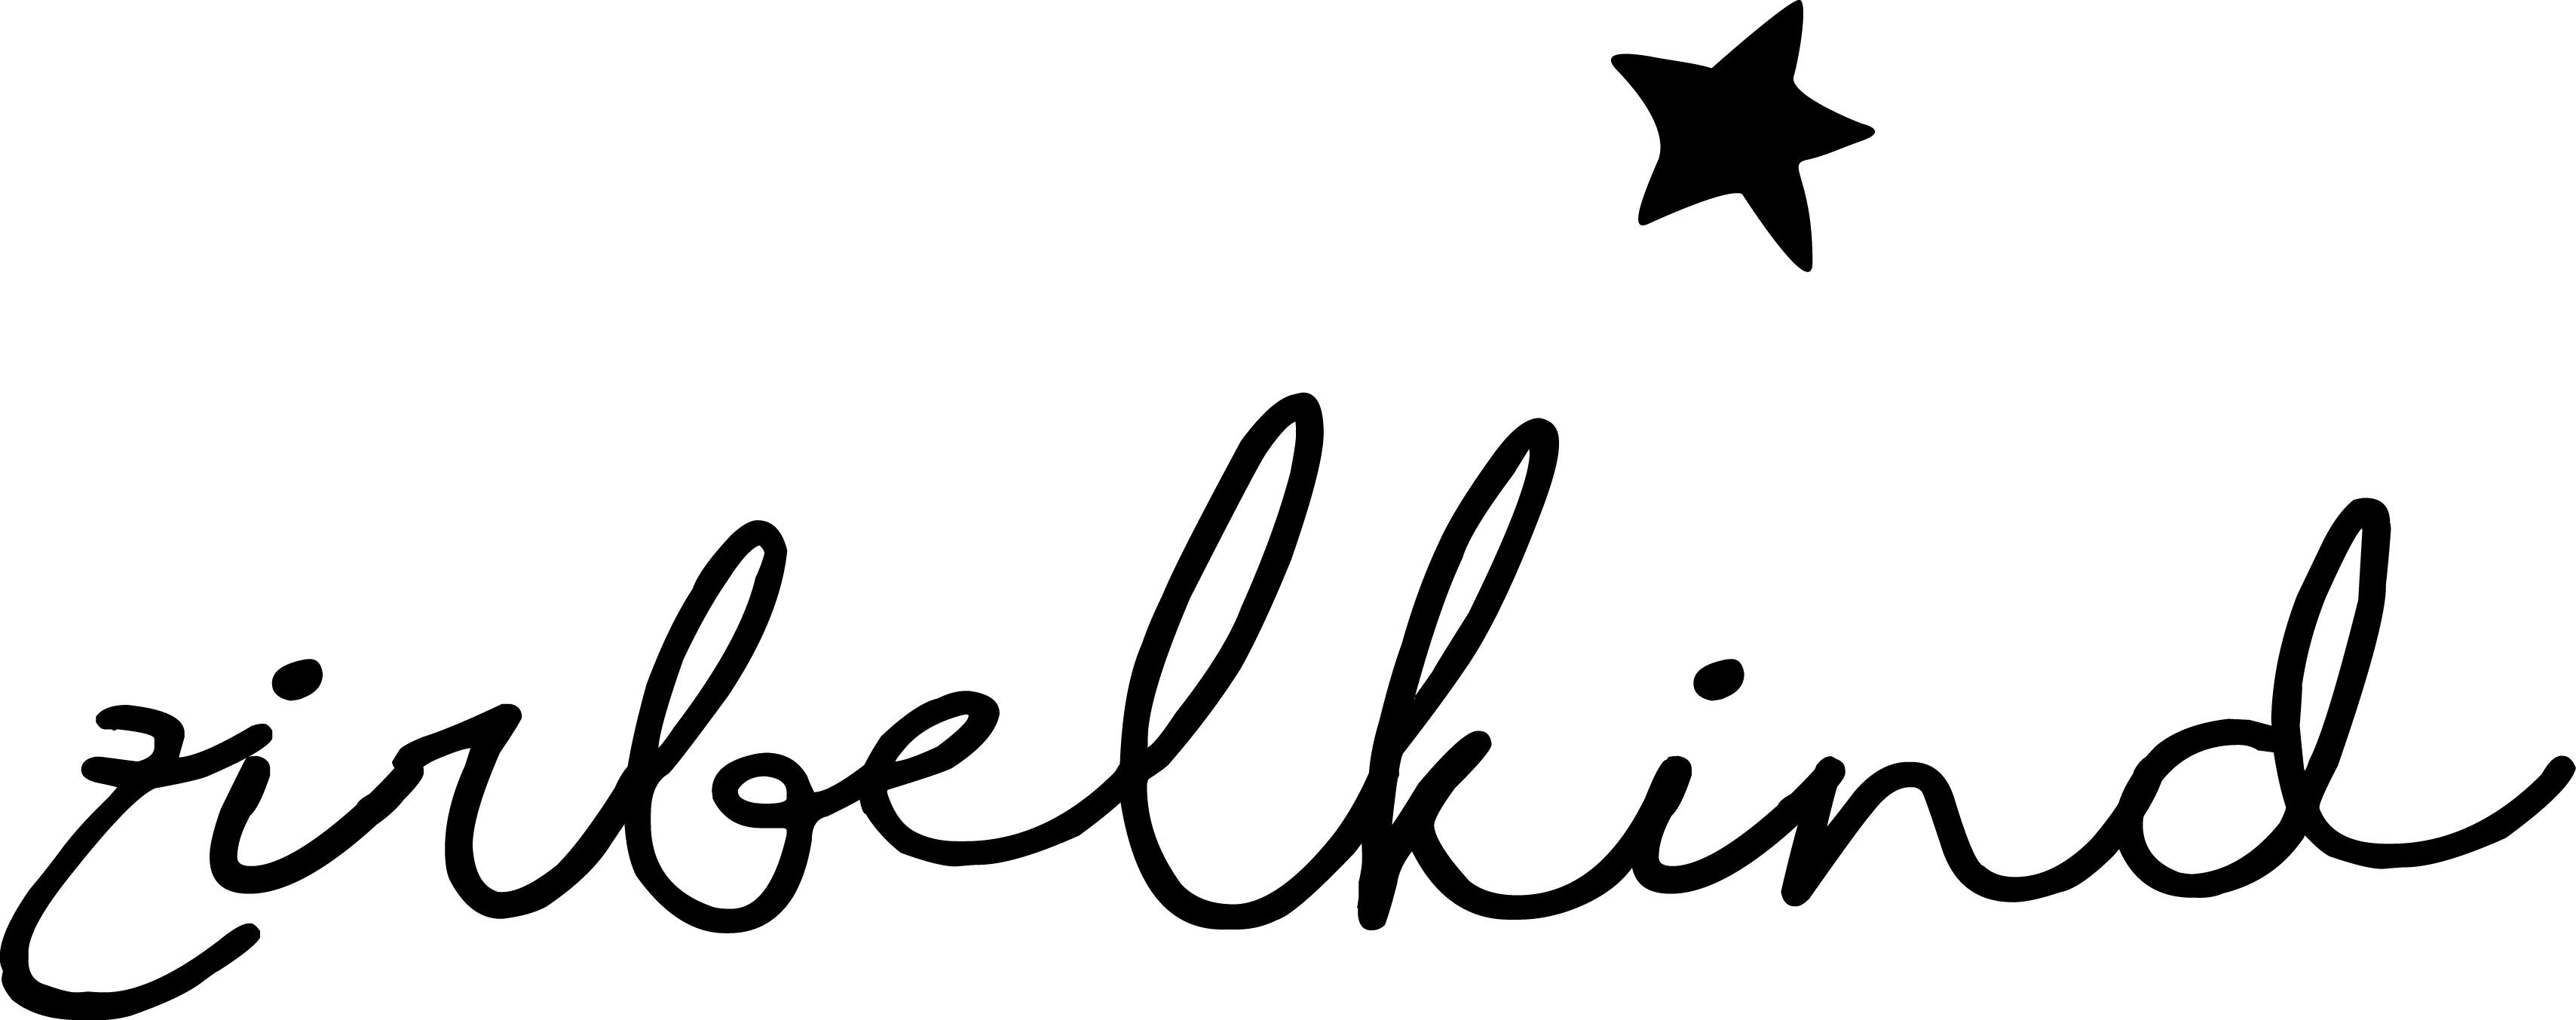 Zirbelkind